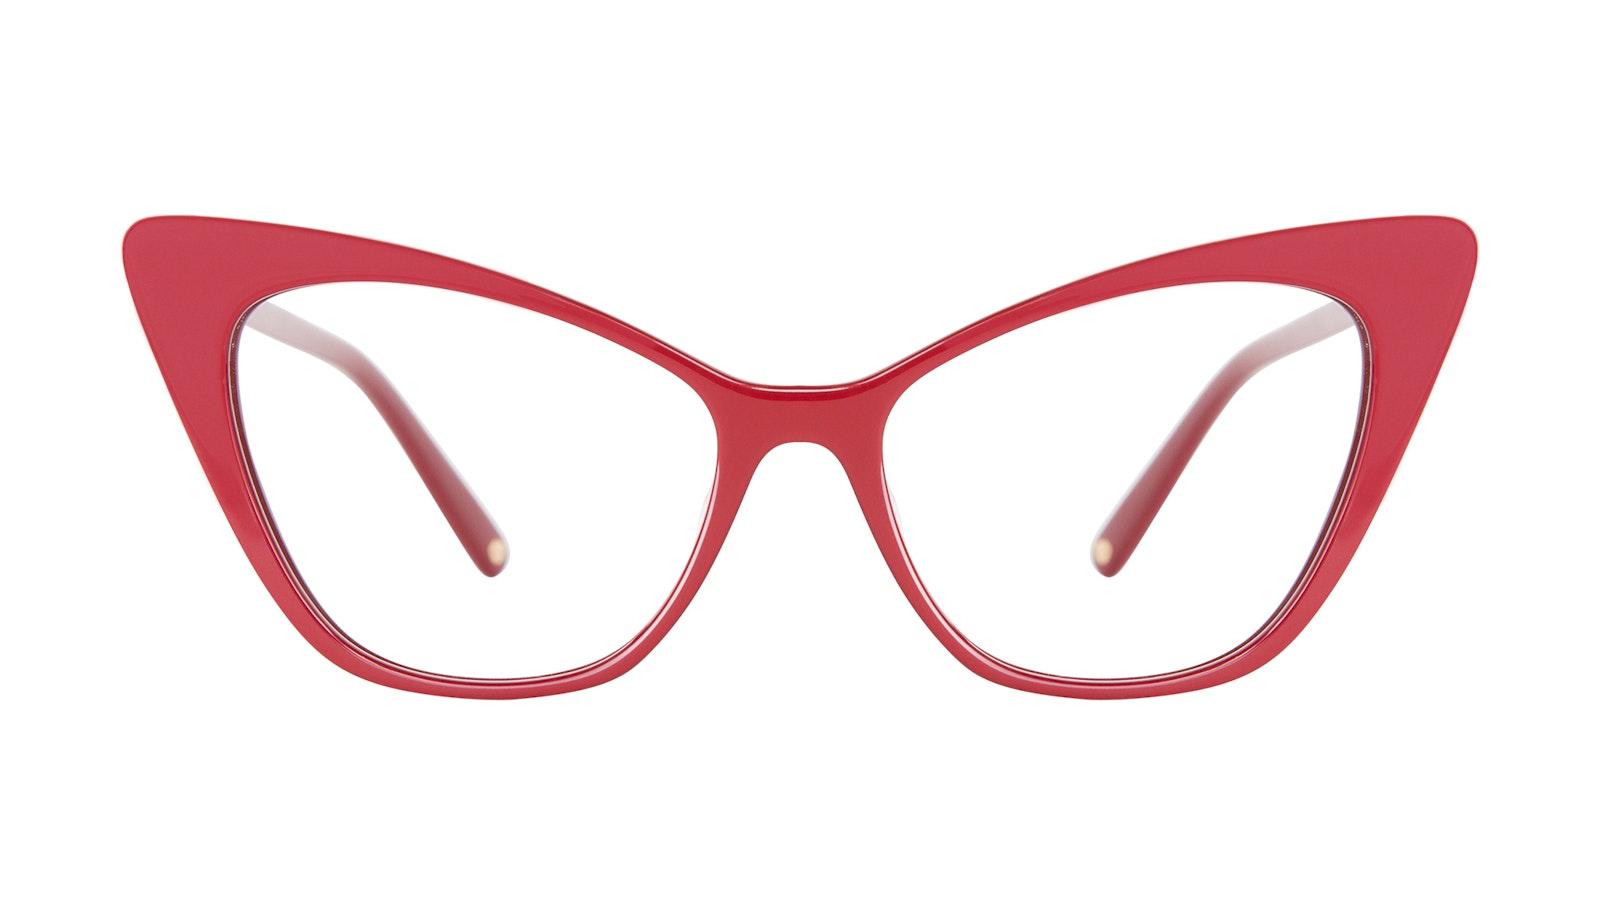 Lunettes tendance Oeil de chat Lunettes de vue Femmes Keiko Lynn Ryder Red